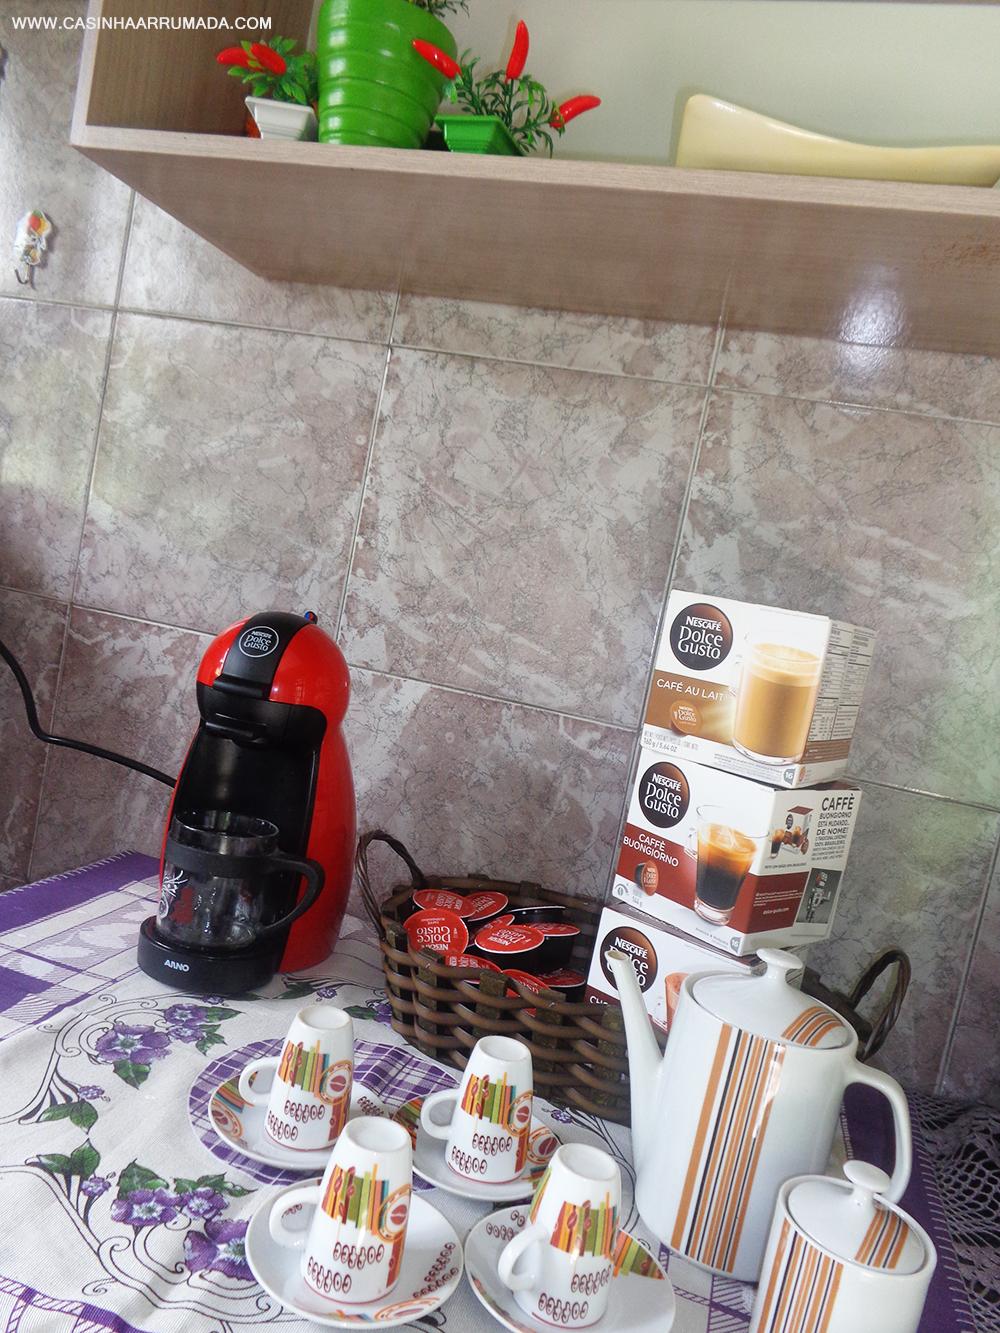 Cantinho do Café em casa + minha cafeteira Dolce Gusto 3